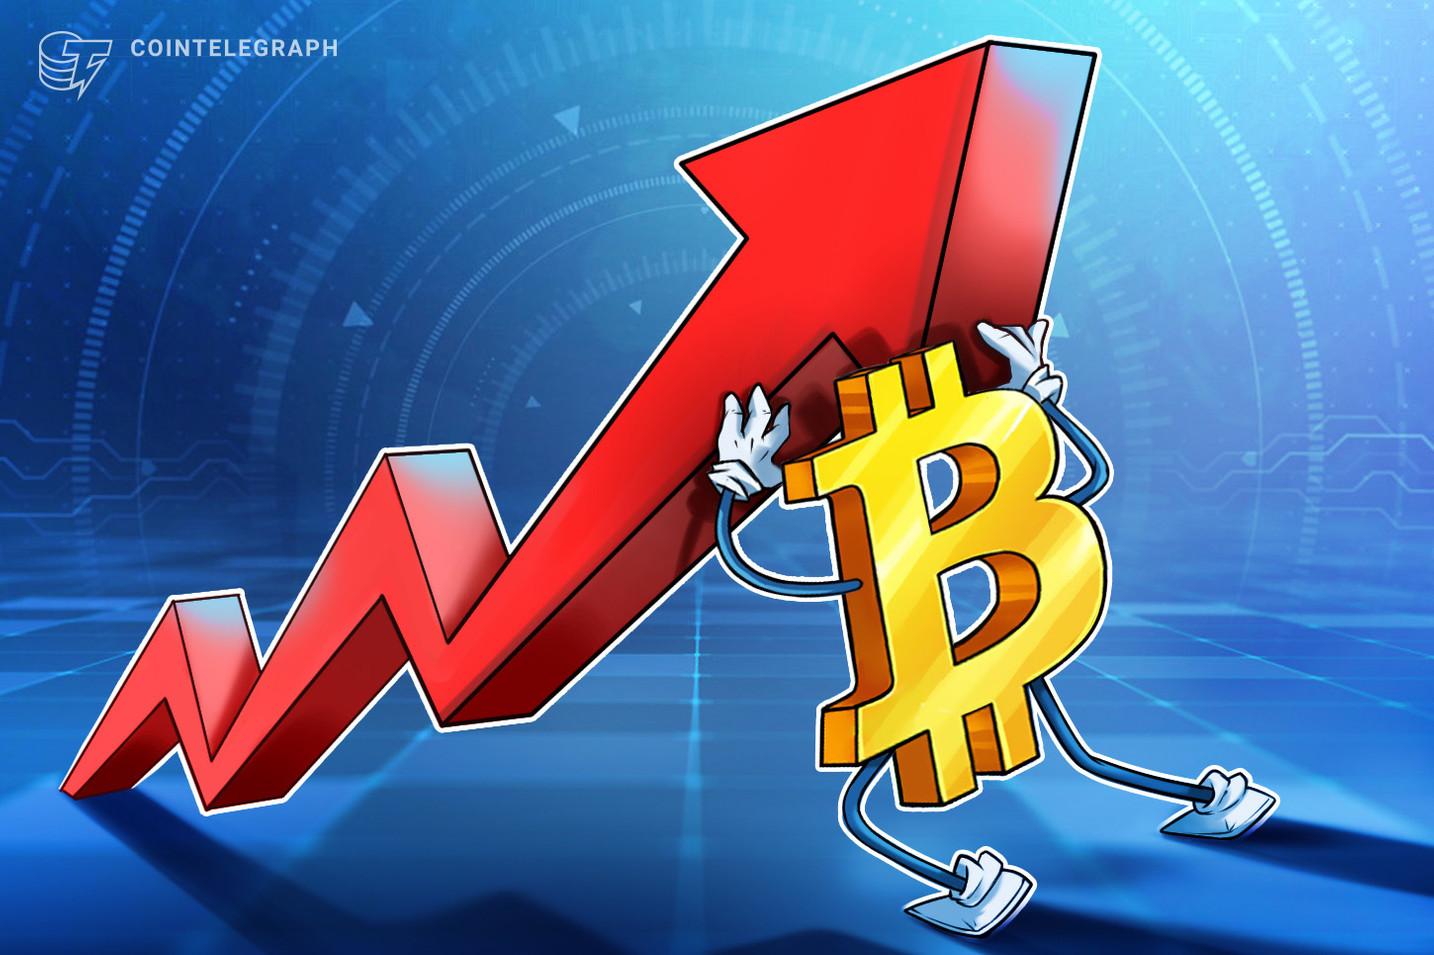 Το Bitcoin βλέπει τη δεύτερη μεγαλύτερη αγορά bull bull με τιμή BTC «κολλημένη» στα 30K $